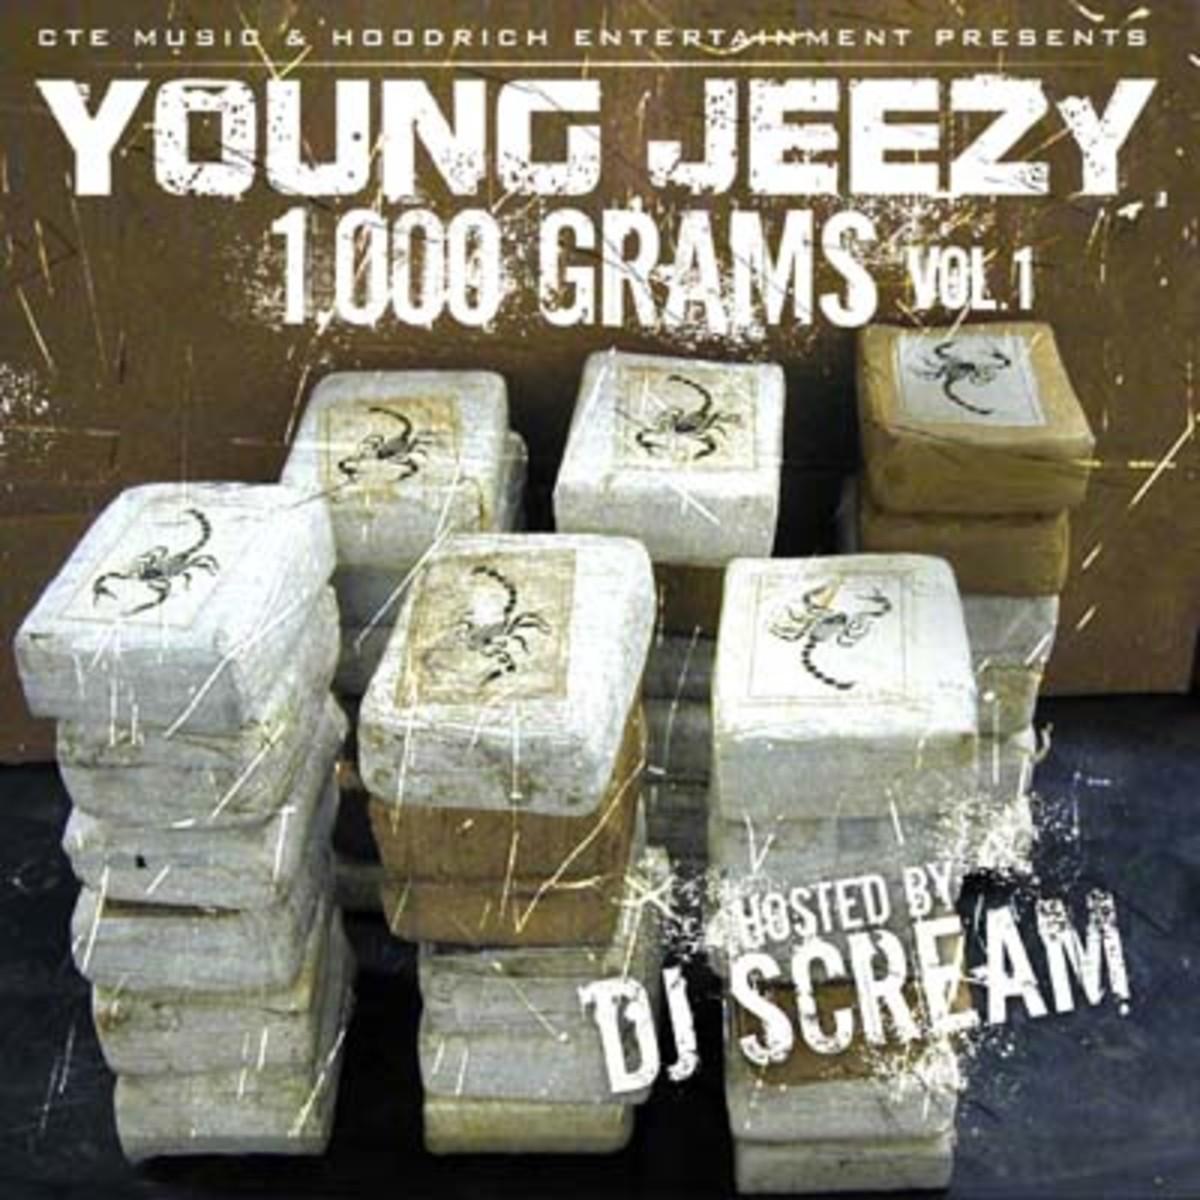 jeezy-1000-grams-front.jpg